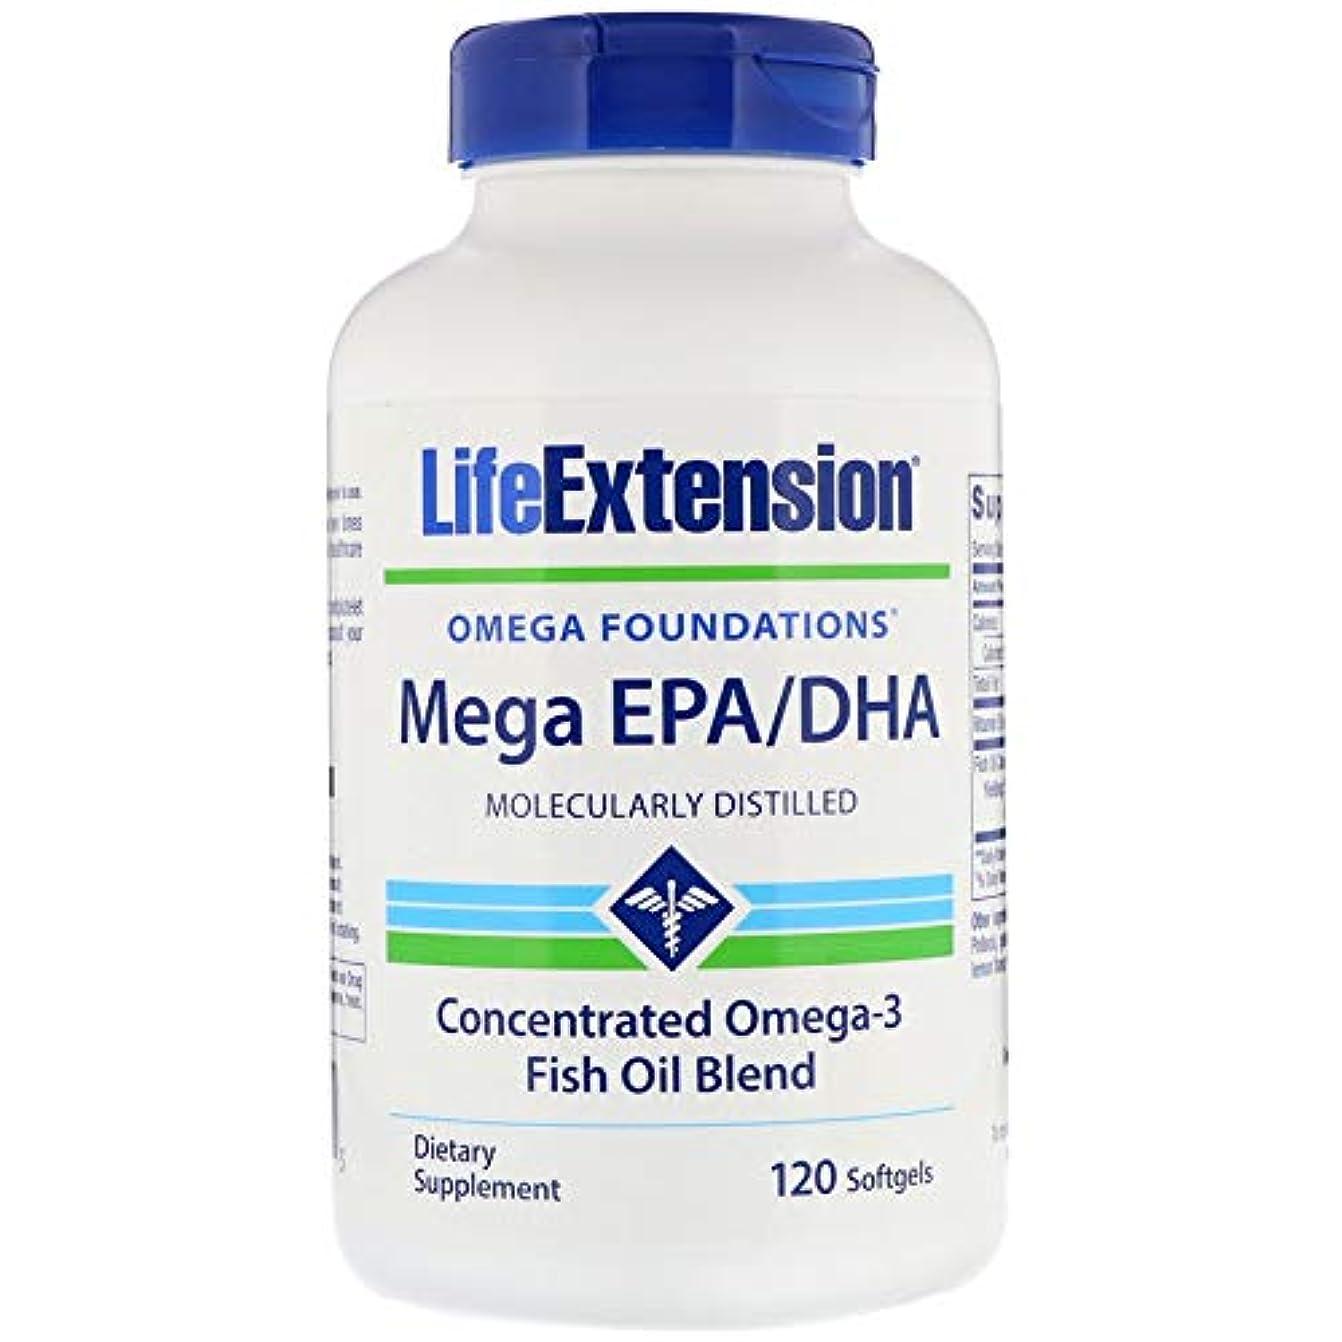 優先権愛伝統的メガ EPA/DHA600 mg含有/粒 120粒ソフトジェルカプセル 海外直送品